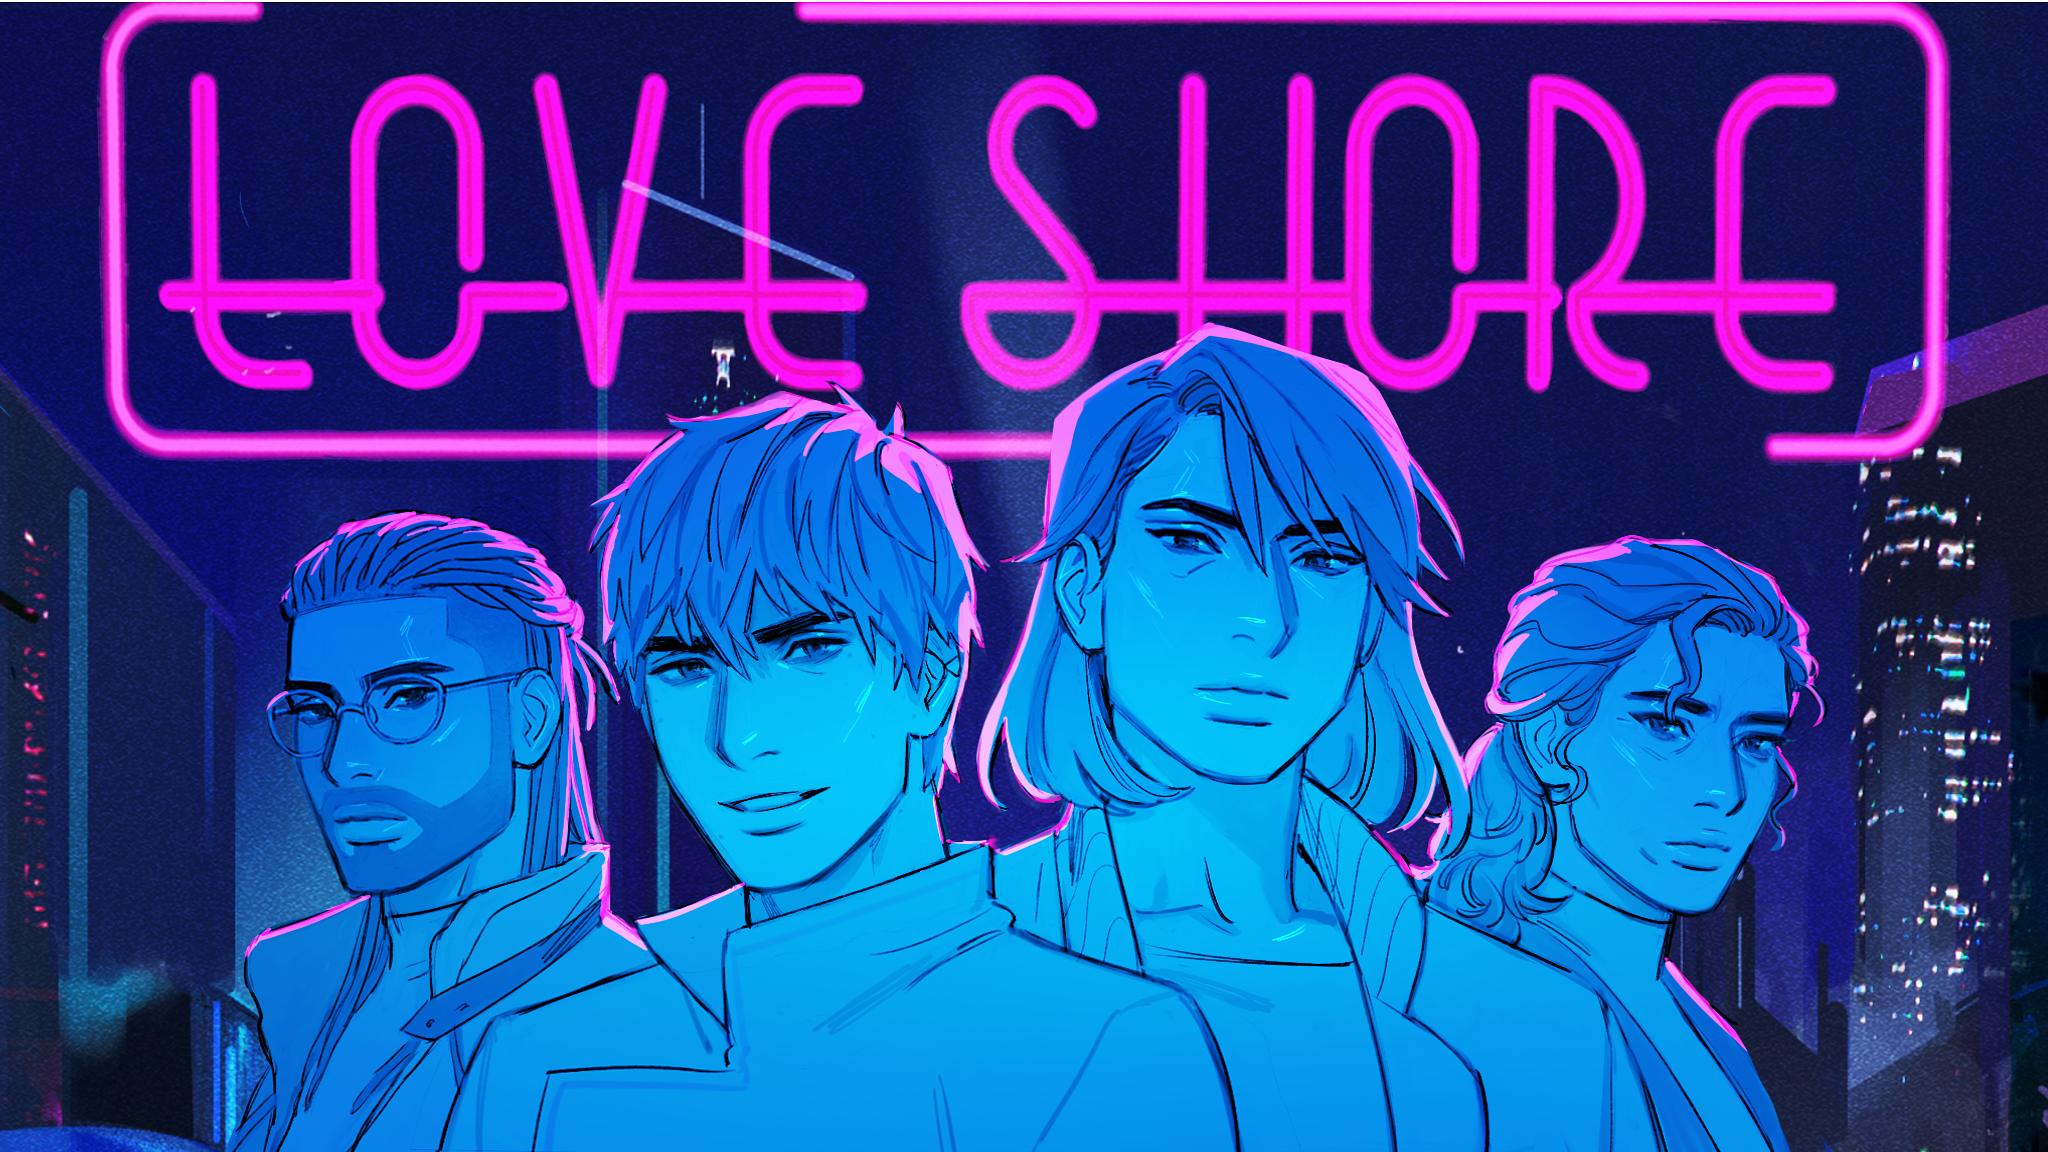 Loveshore_KS_Promotional.png